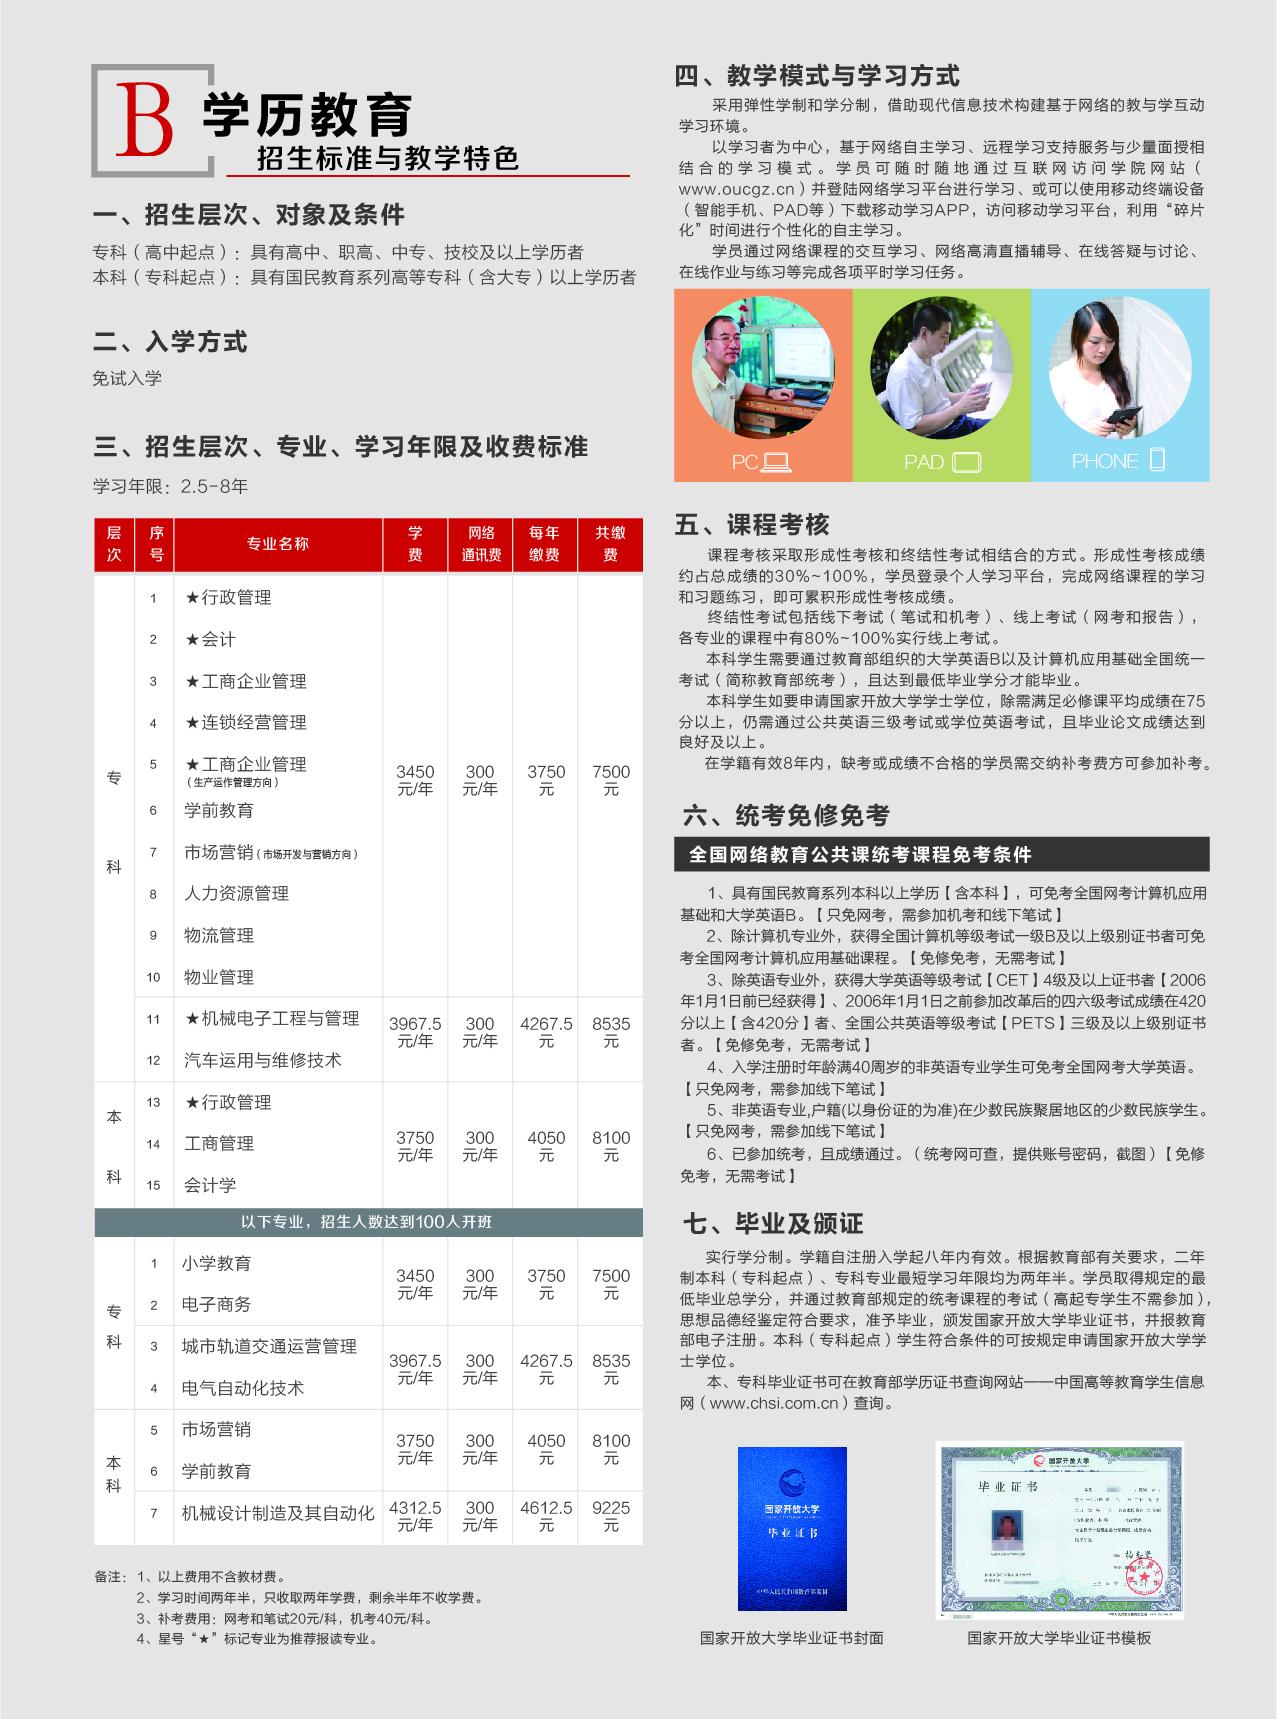 新06.21广州招生简章-03.jpg